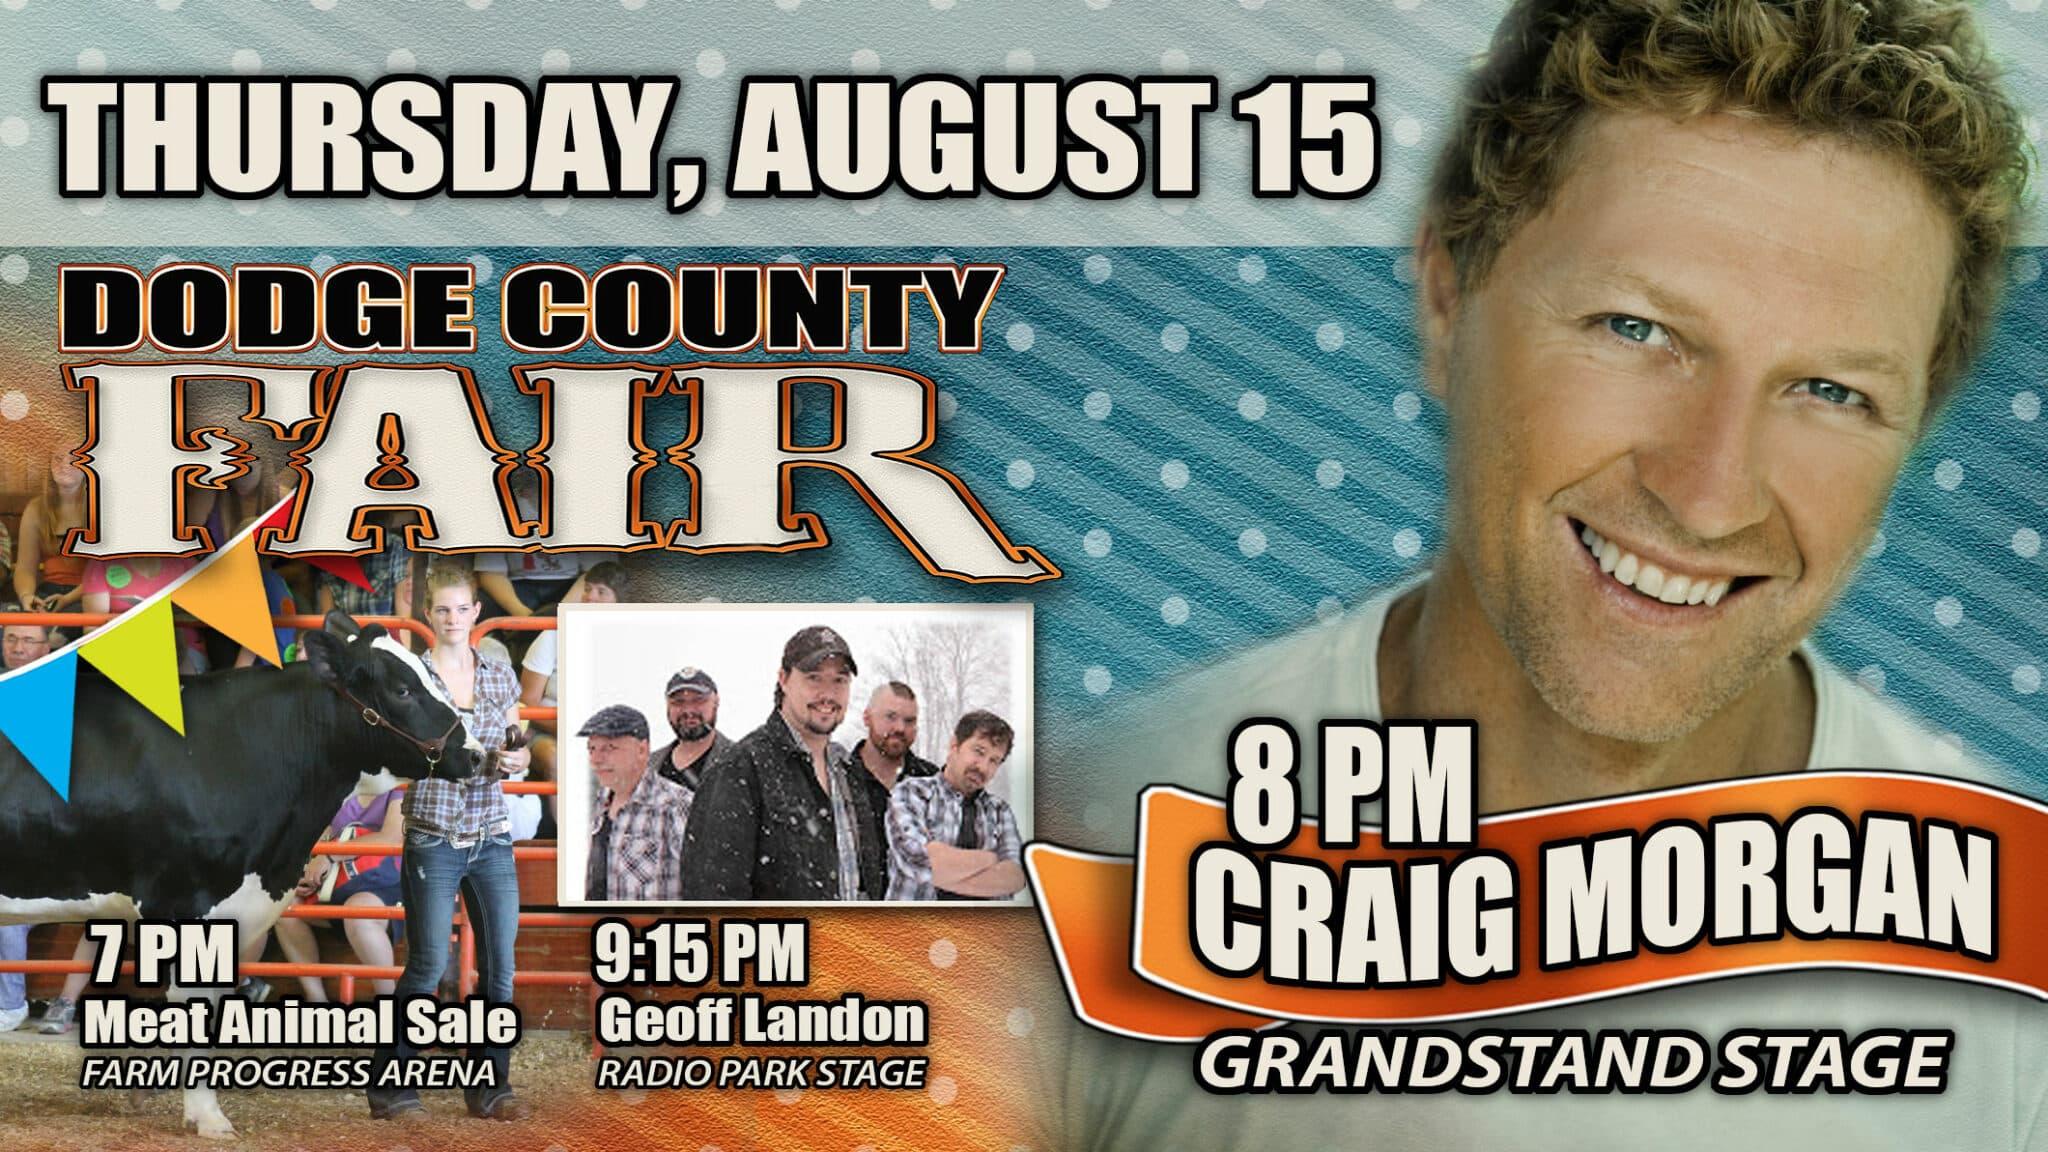 Dodge County Fair Thursday Banner Ad